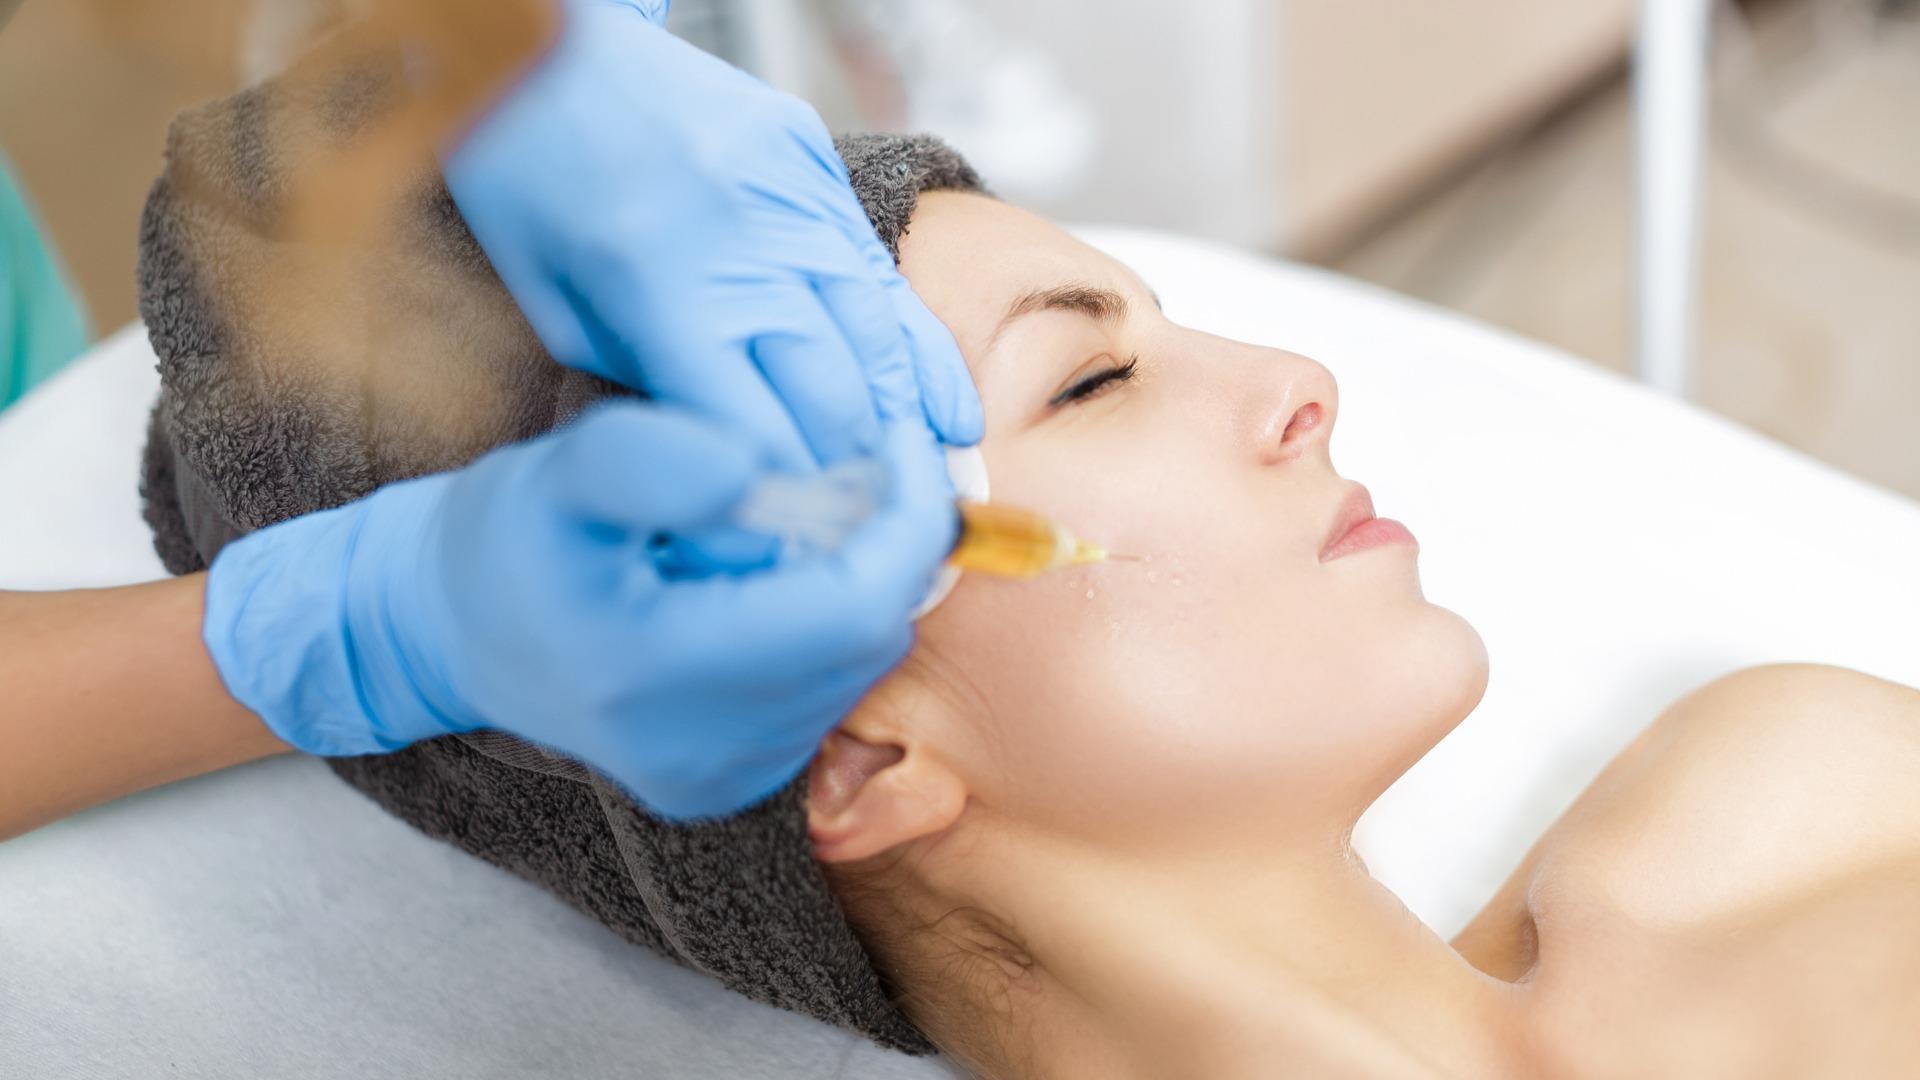 Плазмолифтинг лица - сколько нужно процедур для лучшего эффекта